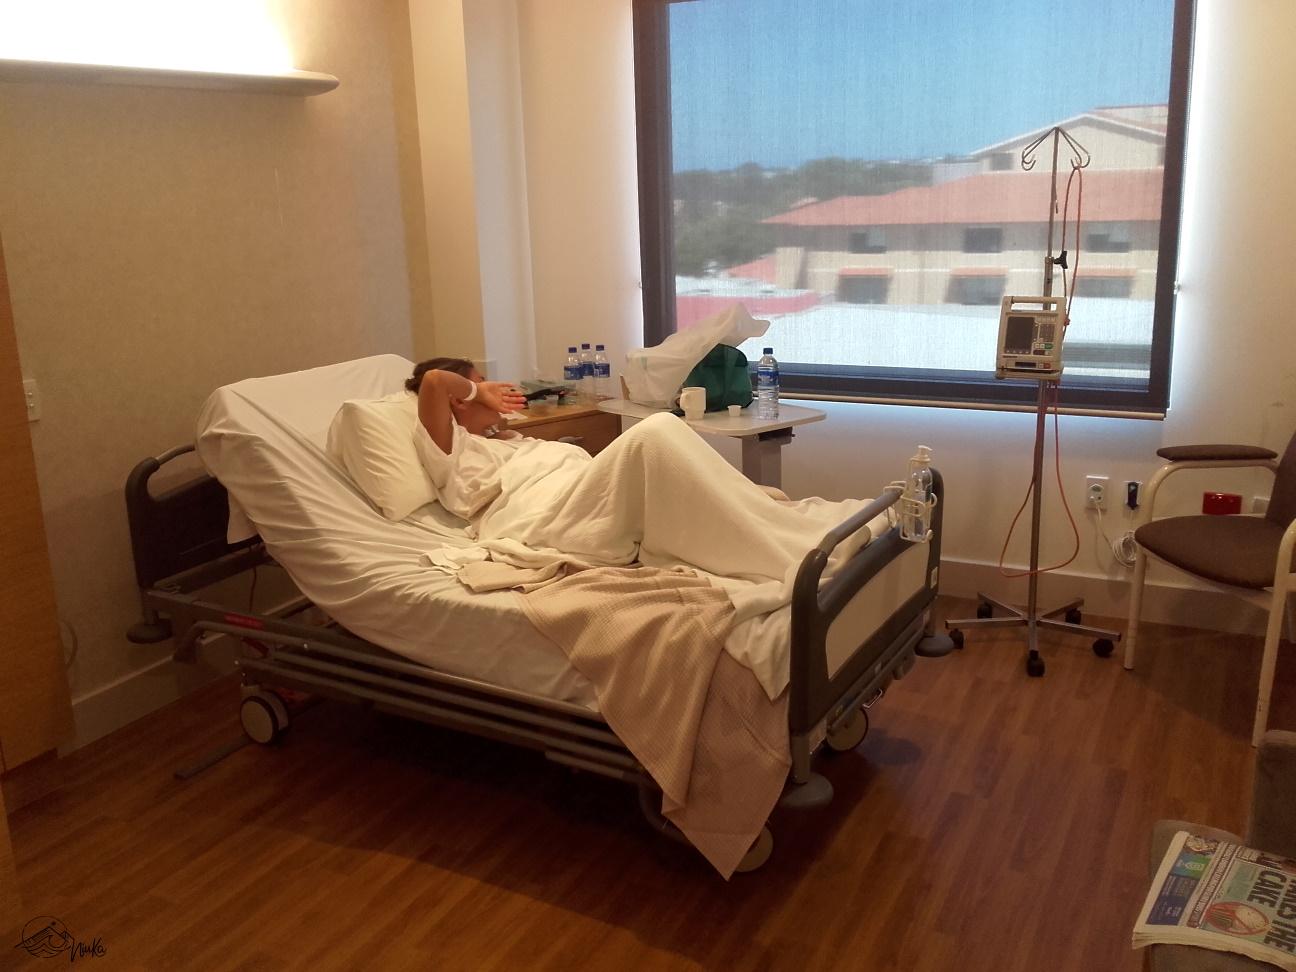 Krankenhaus statt Kitesurfen